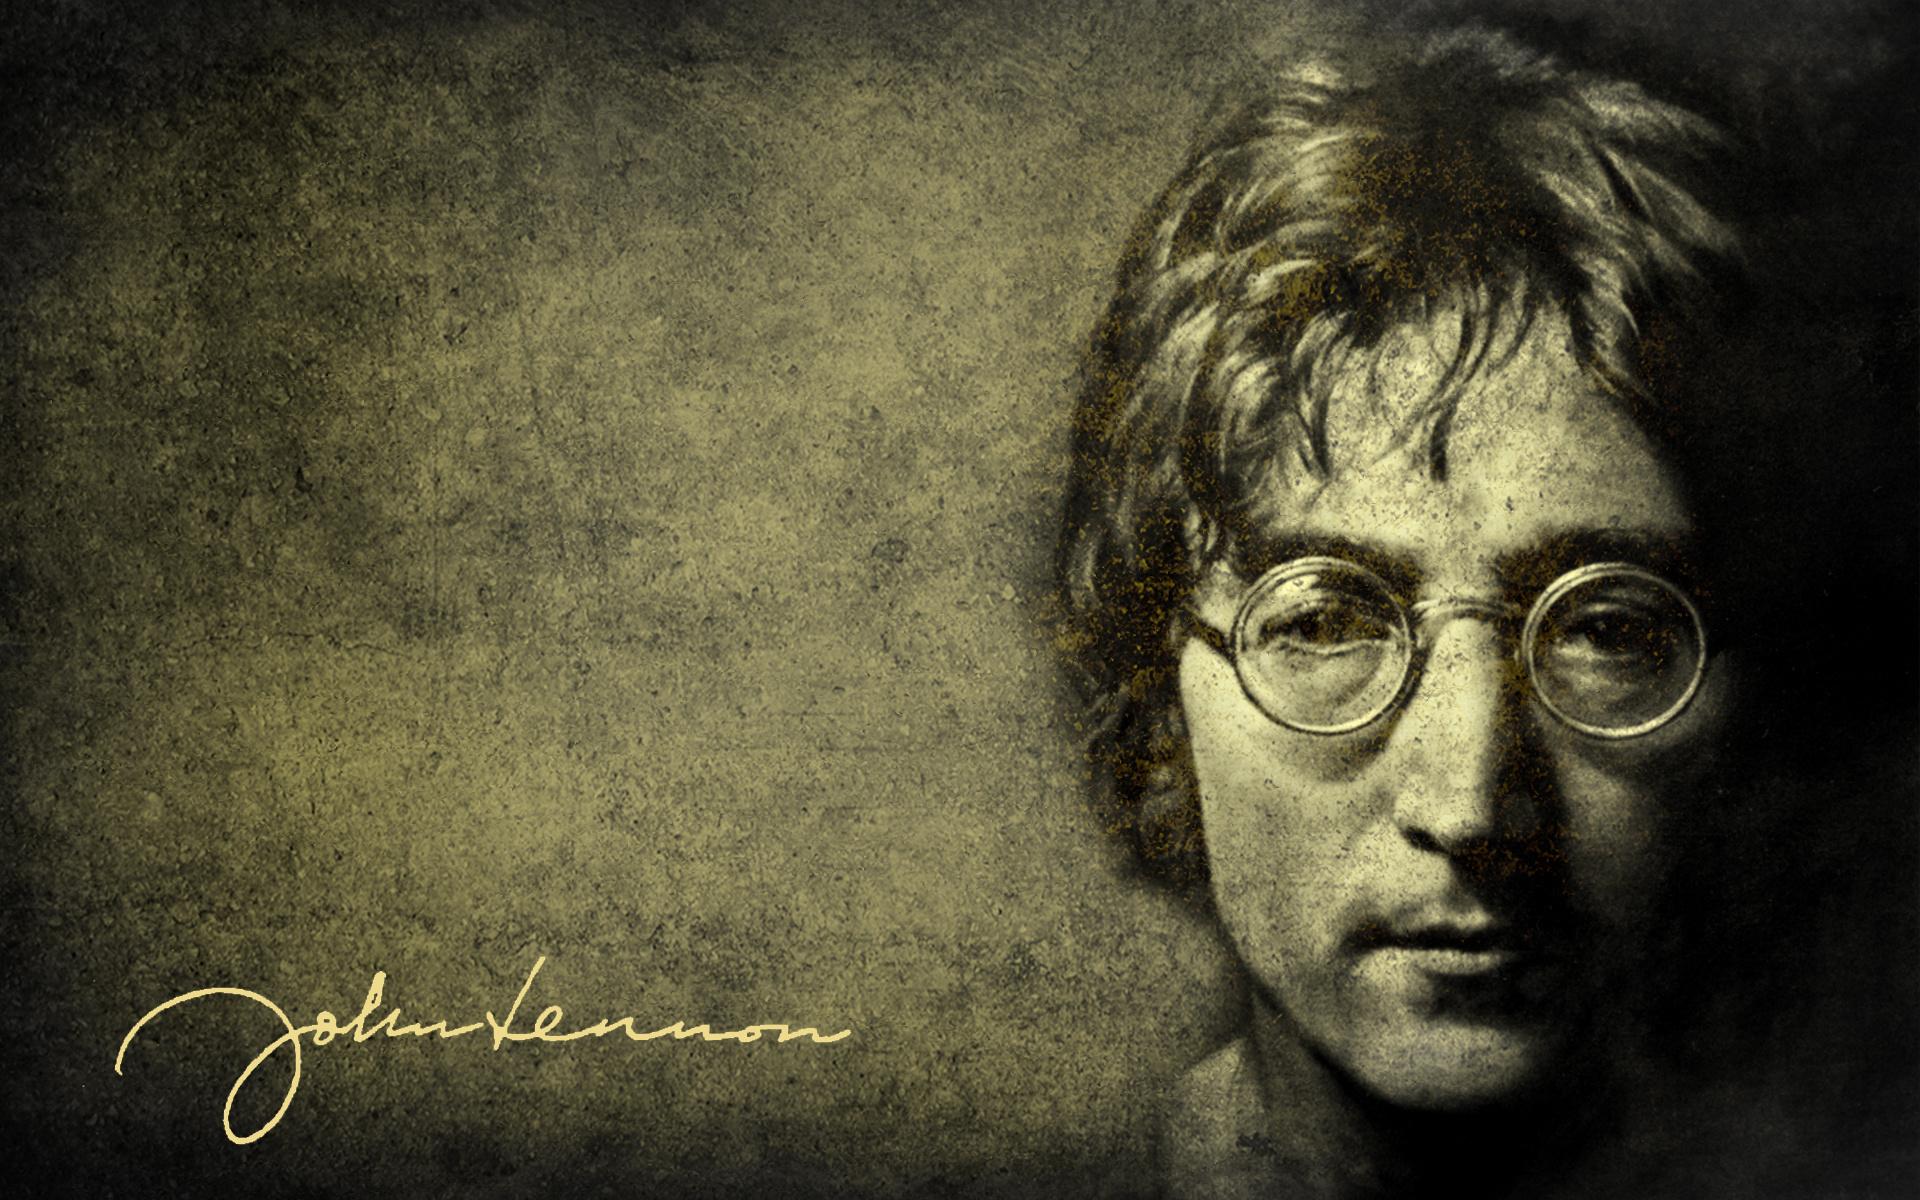 John-Lennon-john-lennon-29017764-1920-1200.jpg